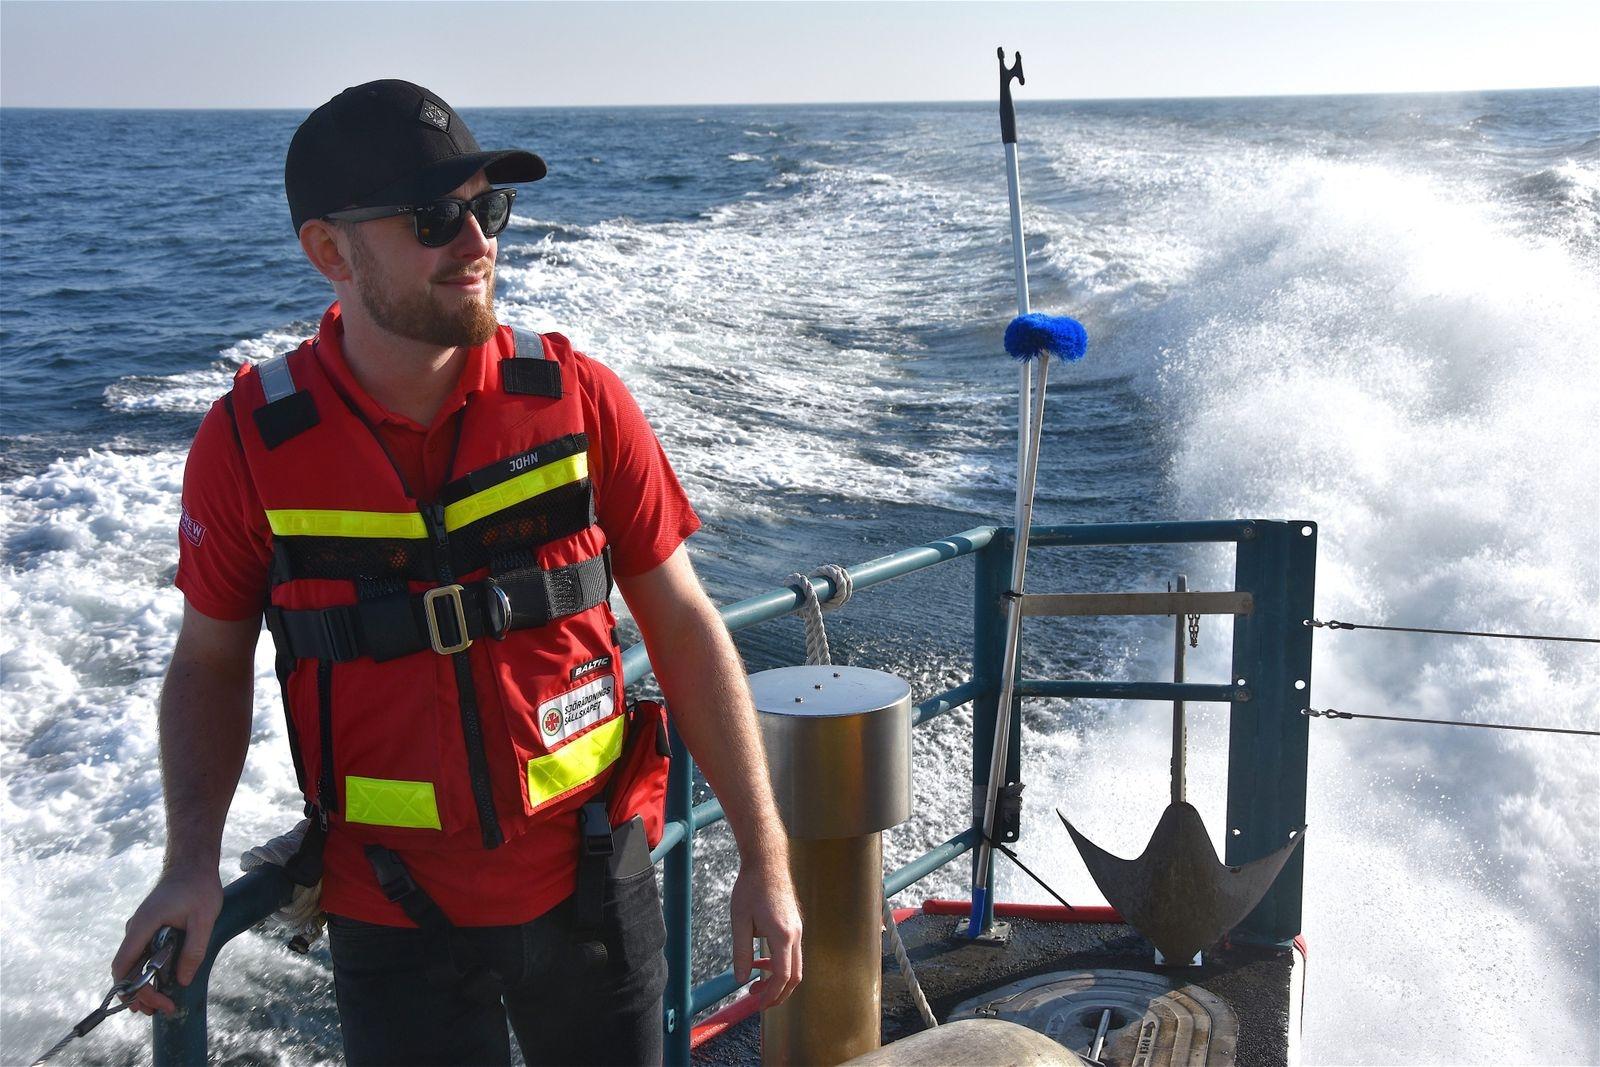 Det går undan när sjöräddningsbåten Gad Rausing far fram över havet. Men efter ett år som aktiv medlem i Sjöräddningssällskapet i Skillinge är Simrishamnsbon John Lundin van vid farten och vågorna.